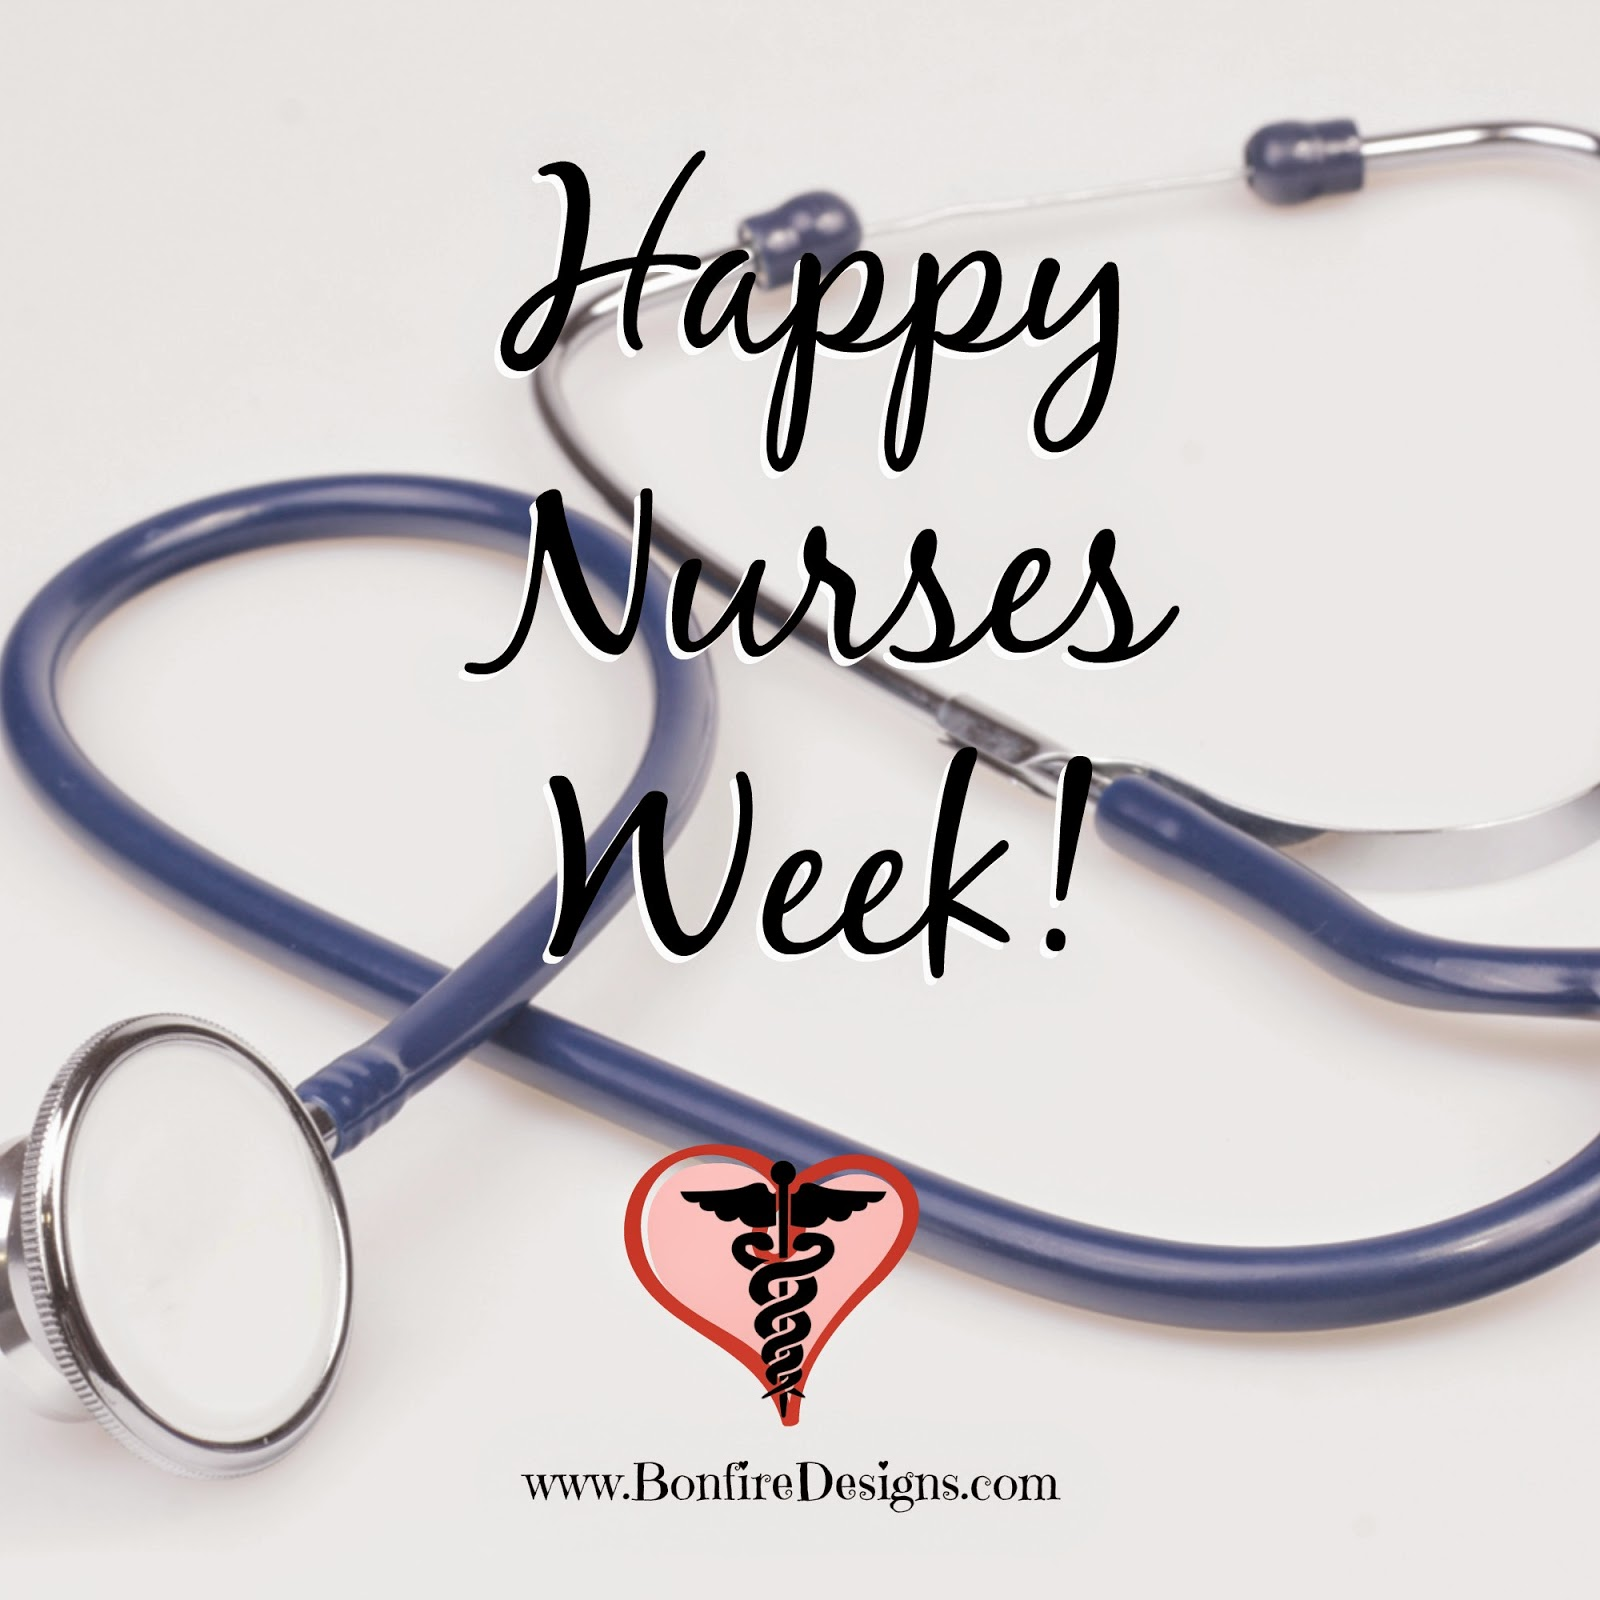 Happy Nurses Week Clip Art N5 free image.